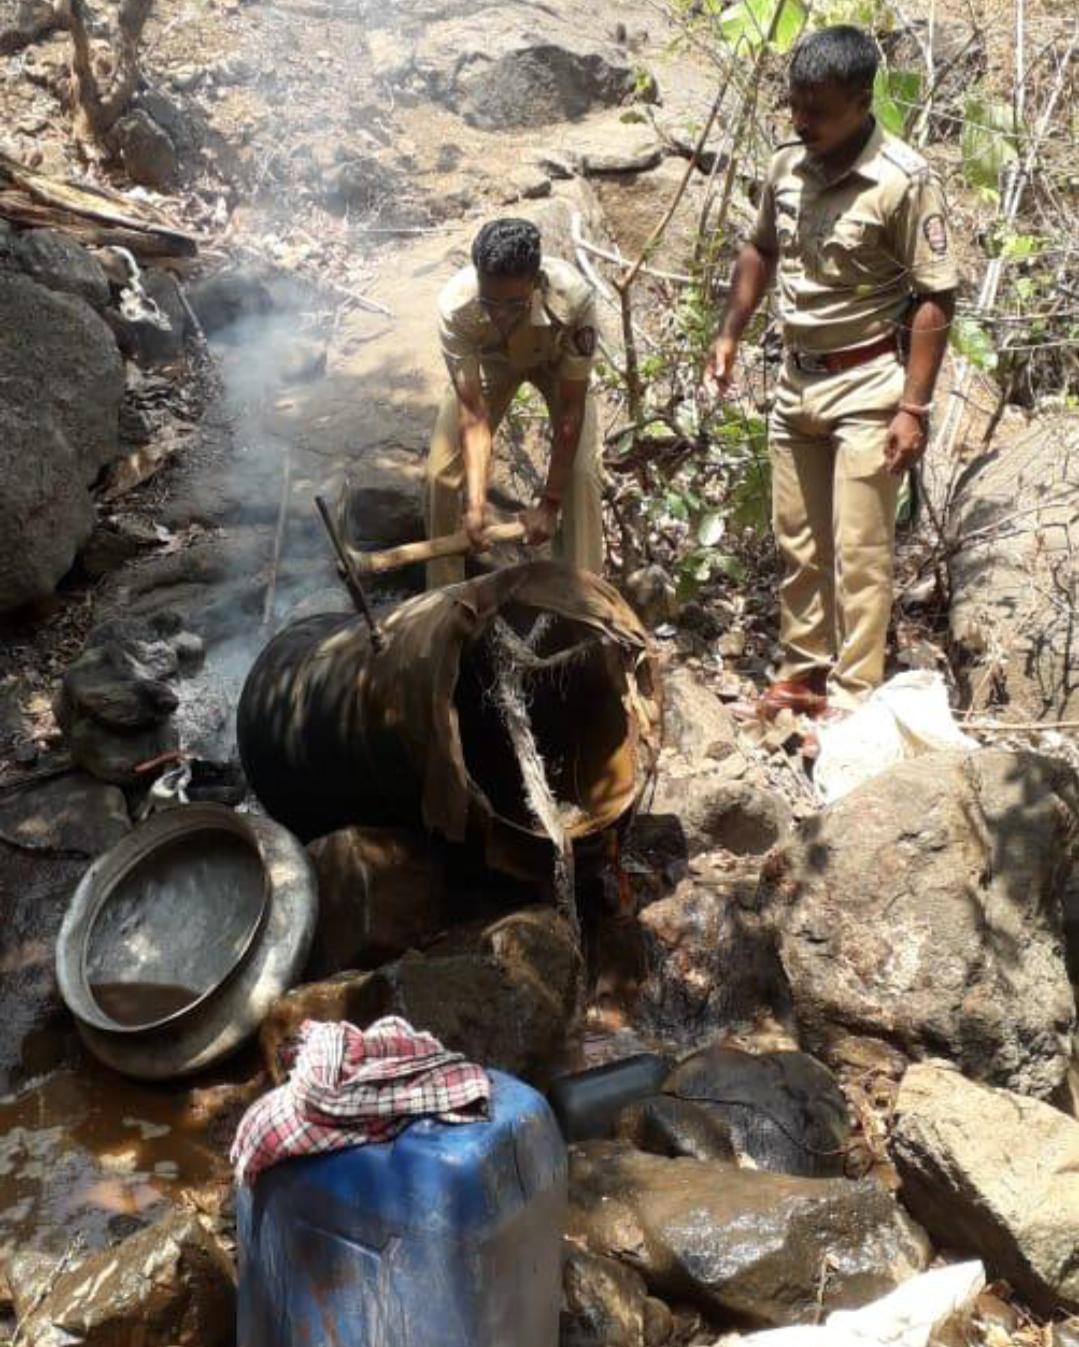 Adarsh Maharashtra | नेरळ पोलिसांनी केल्या पुन्हा दारुभट्ट्या उध्वस्त!